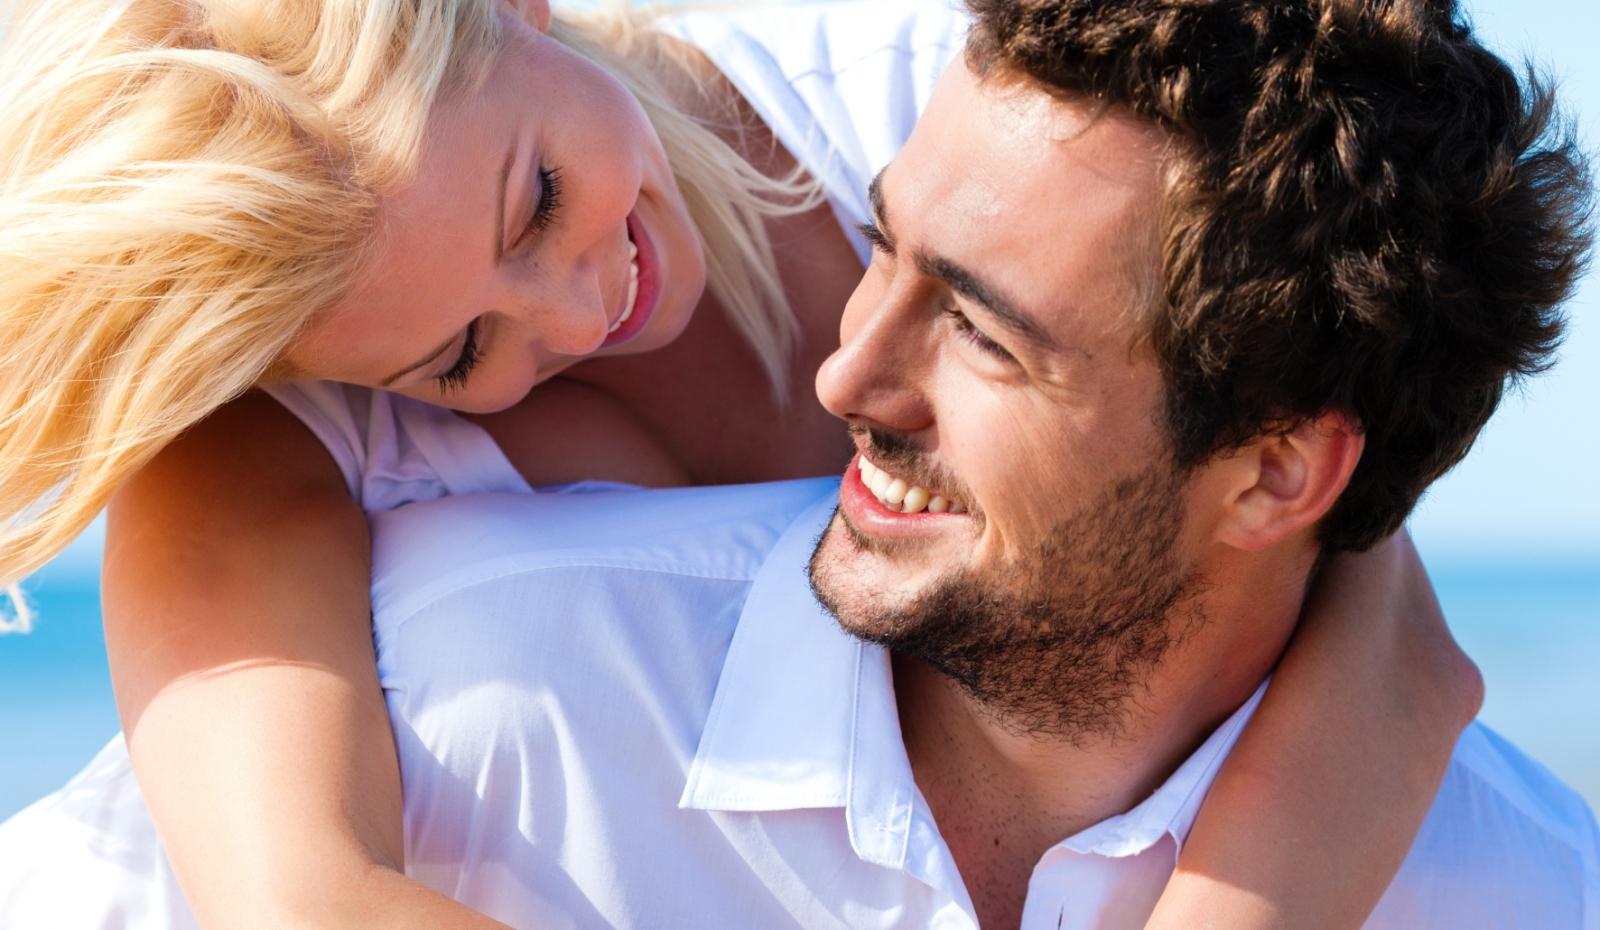 Признаки того, что мужчина готов к серьезным отношениям